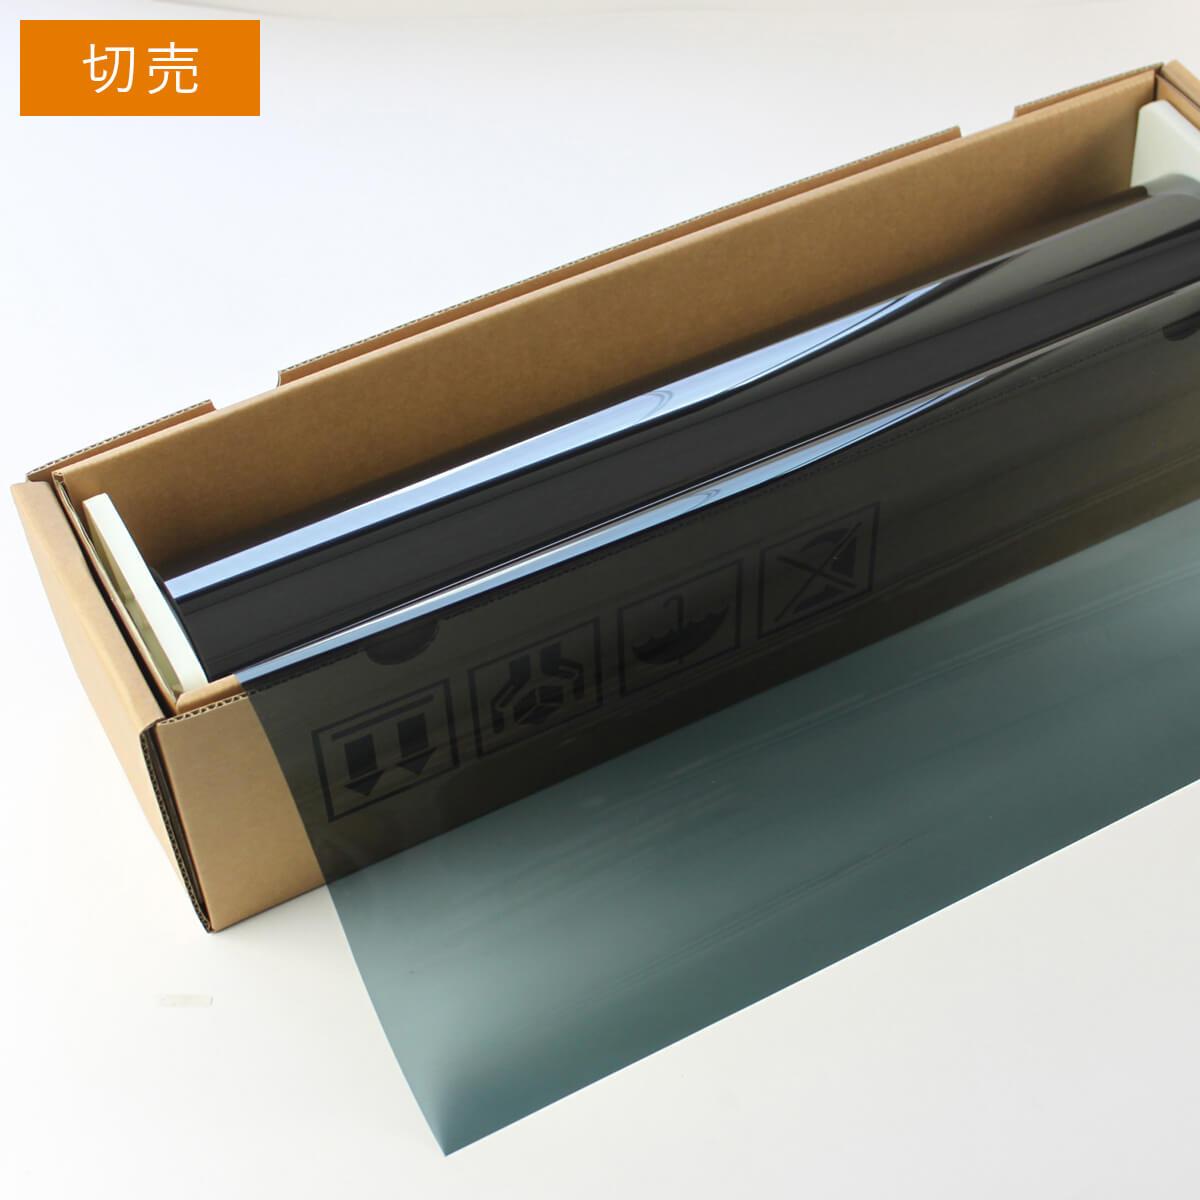 ウィンドウフィルム 窓ガラスフィルム スーパーUV400グリーン30(28%) 50cm幅×1m単位切売 遮熱フィルム 断熱フィルム UVカットフィルム ブレインテック Braintec